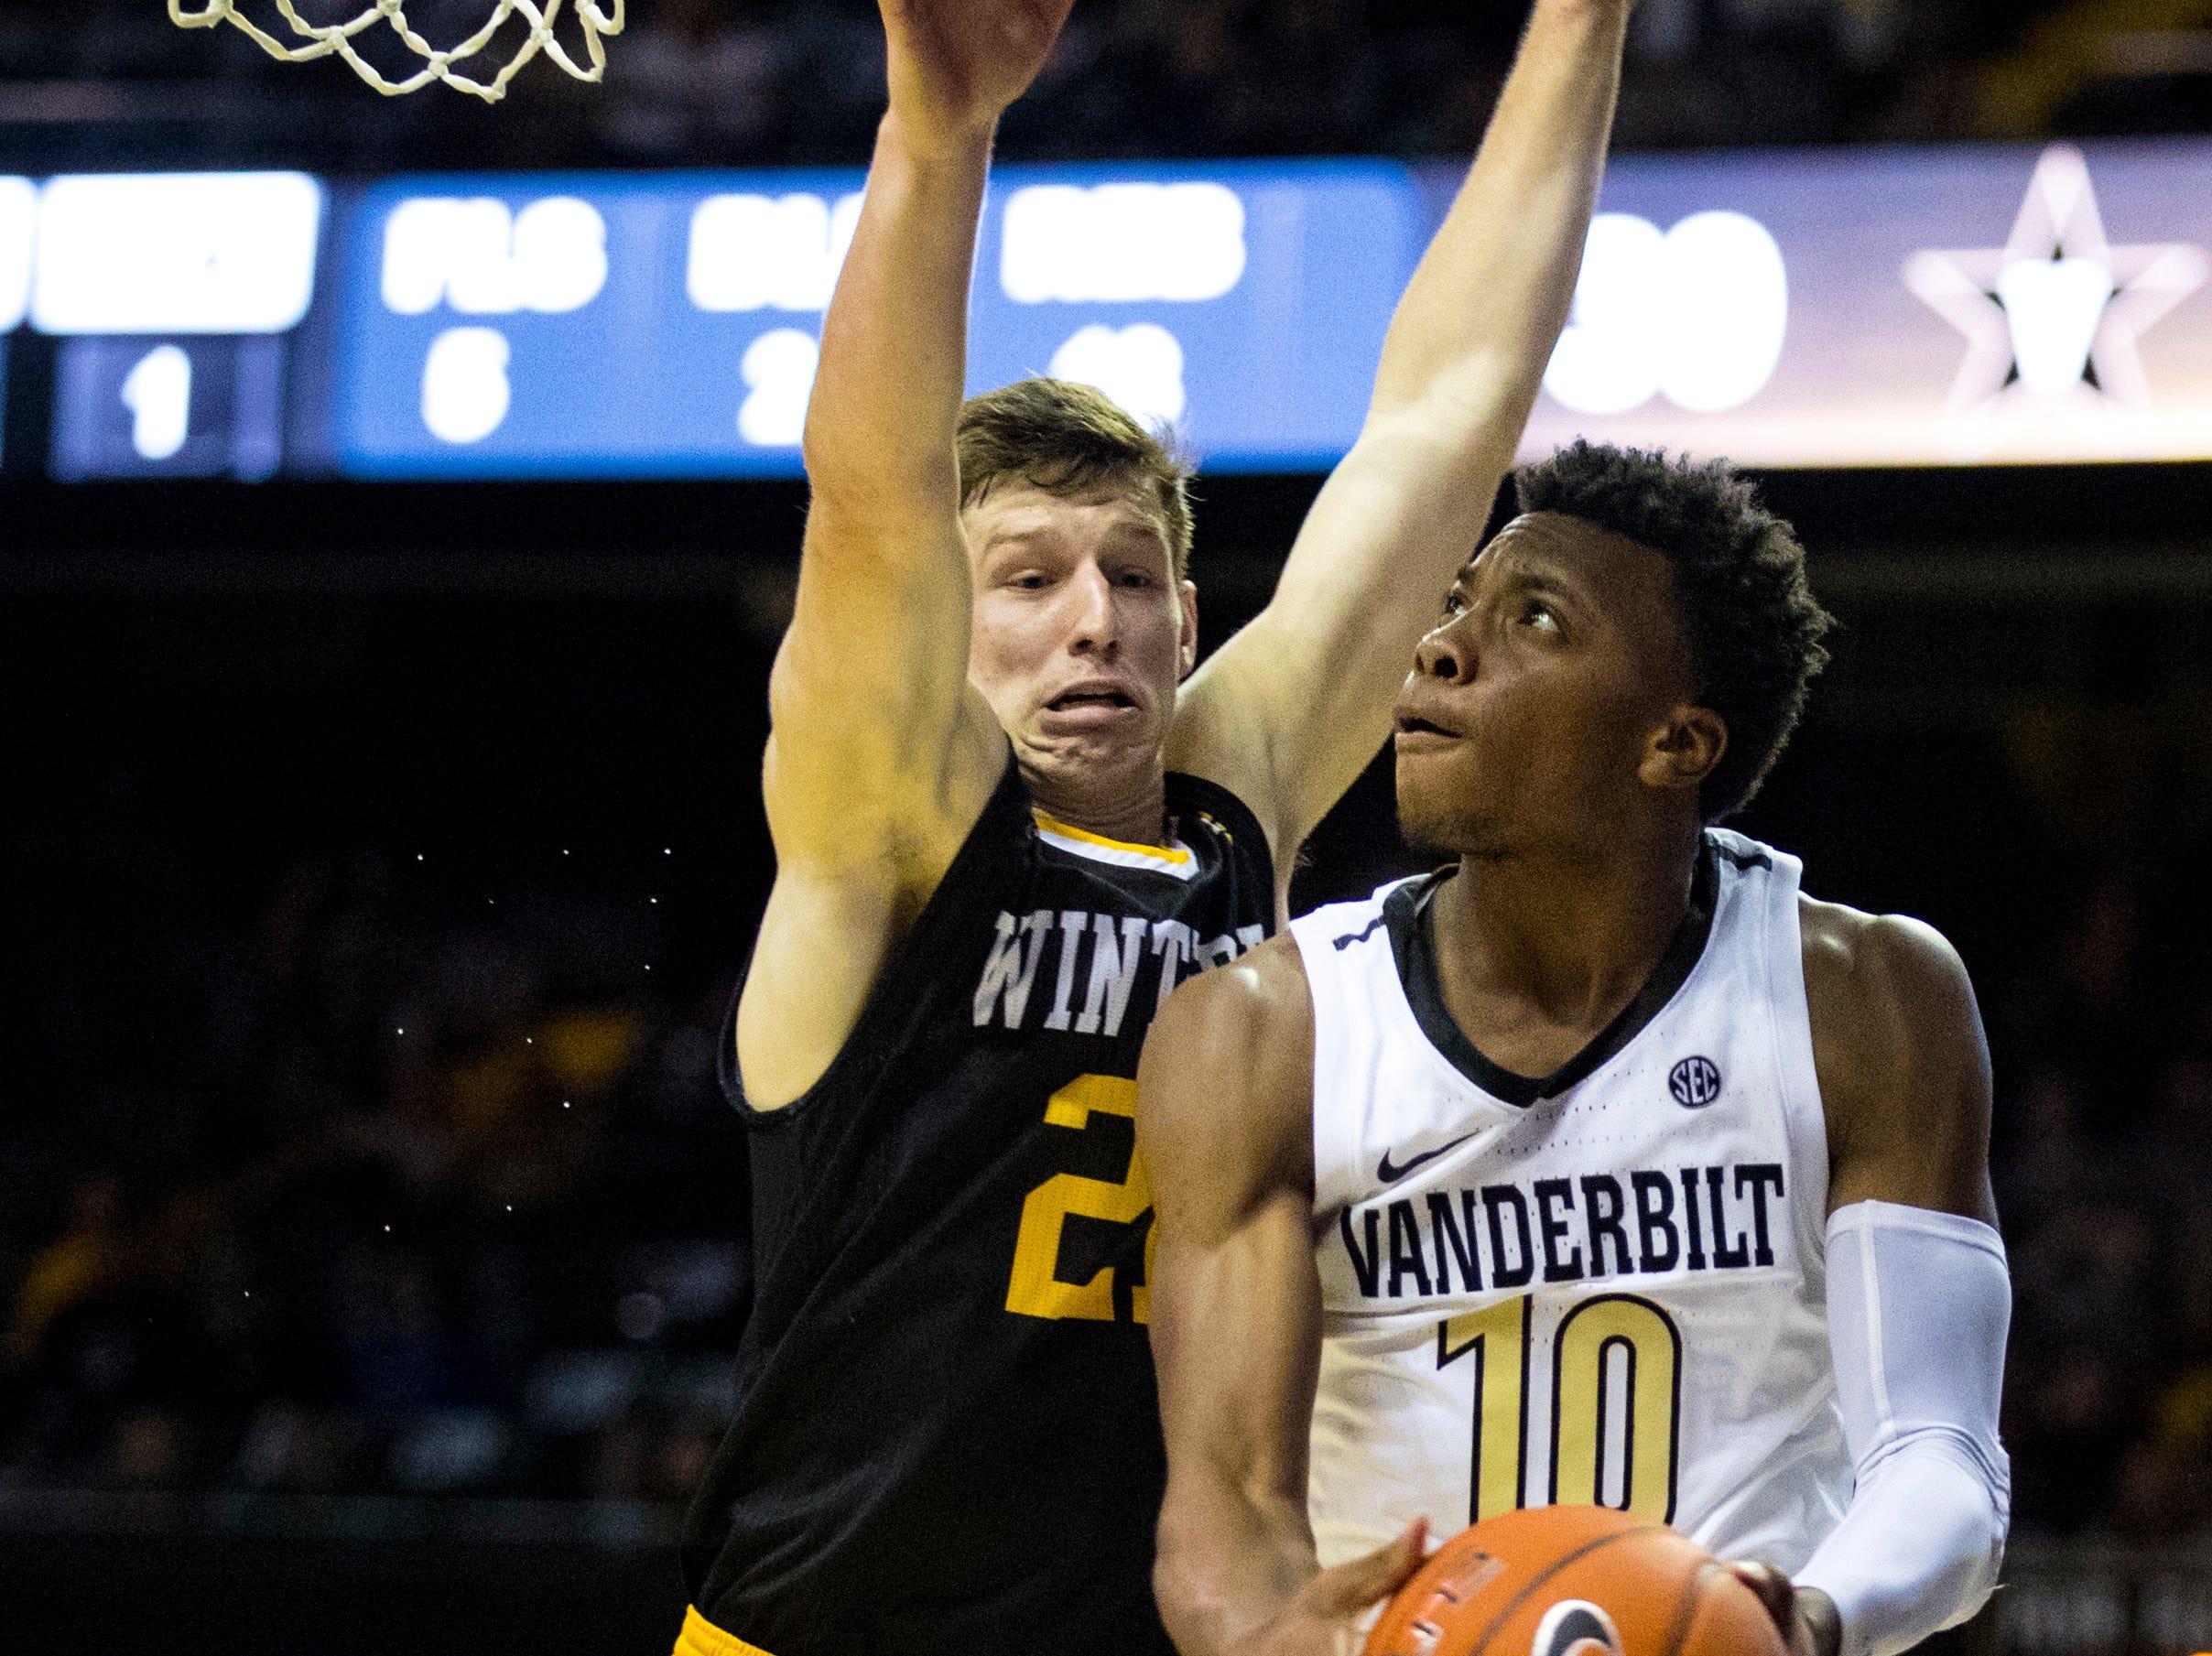 Vanderbilt's Darius Garland (10) gets around Winthrop's Kyle Zunic (21) for a basket during Vanderbilt's game against Winthrop at Memorial Gymnasium in Nashville on Tuesday, Nov. 6, 2018.